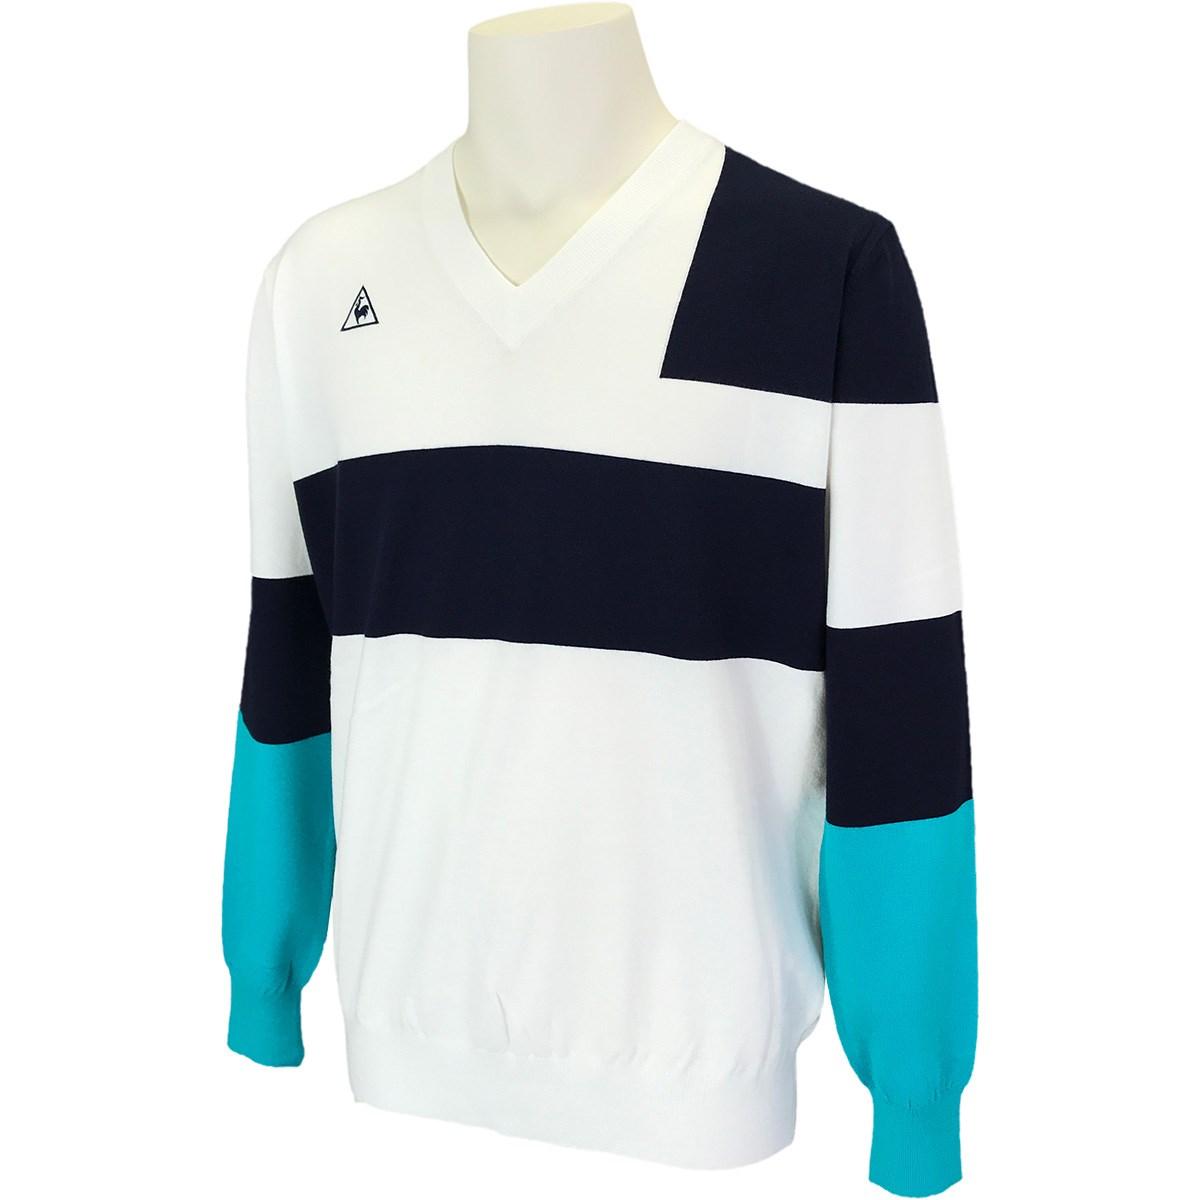 ルコックゴルフ Le coq sportif GOLF Vネックパネルセーター M ホワイト 00